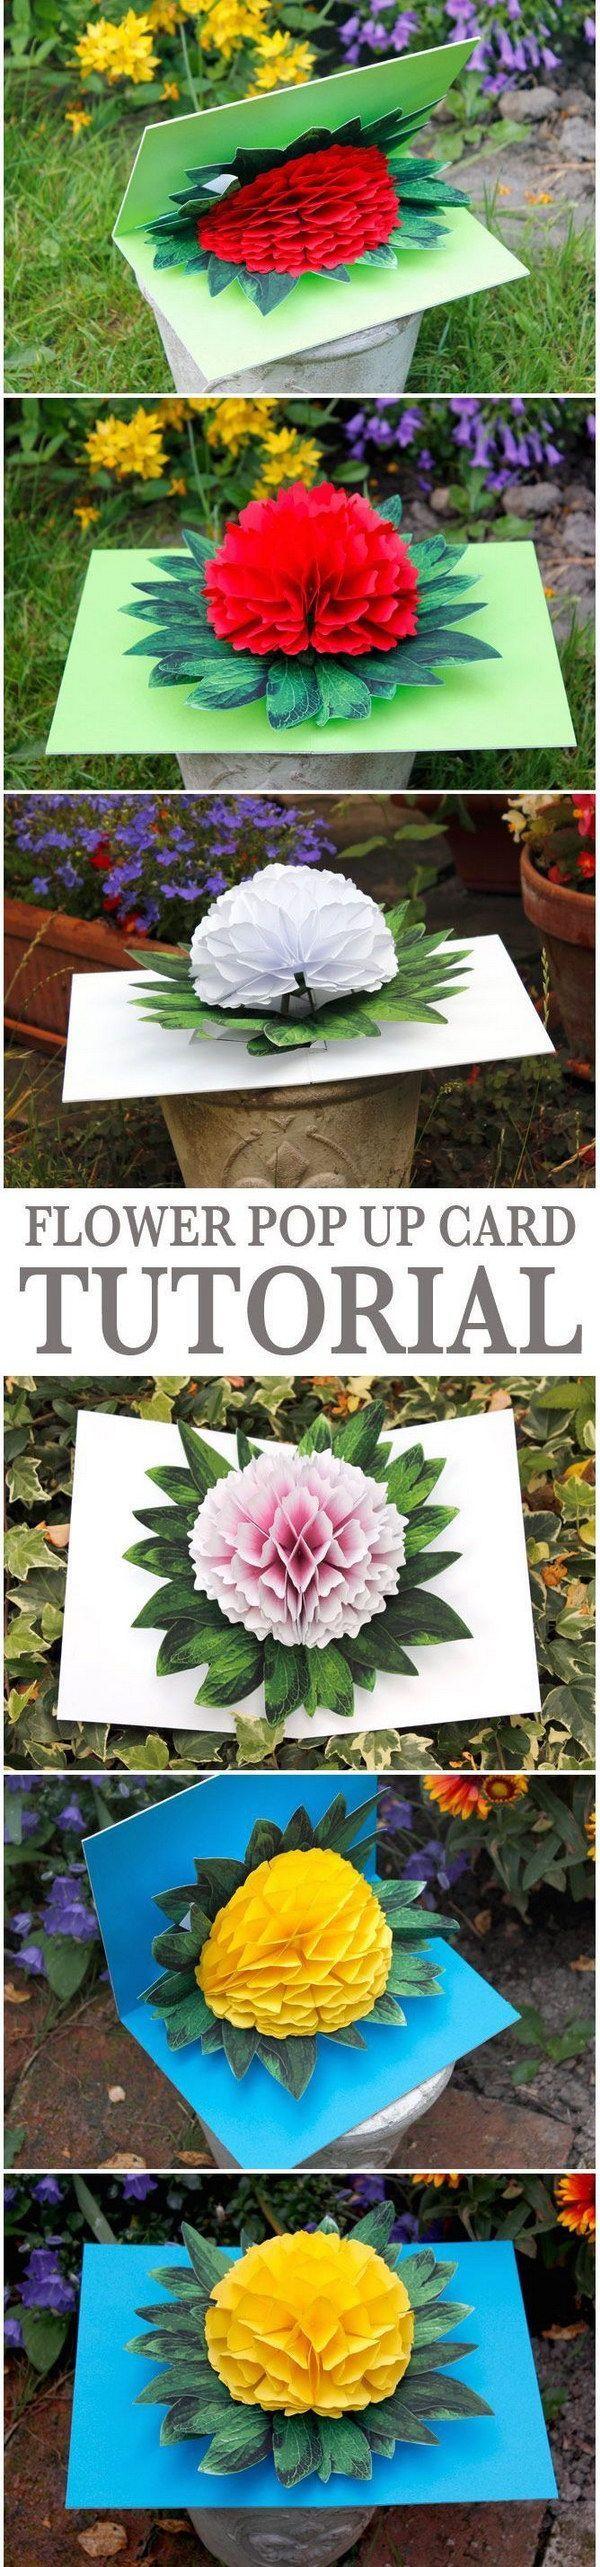 Flower Pop up Card.